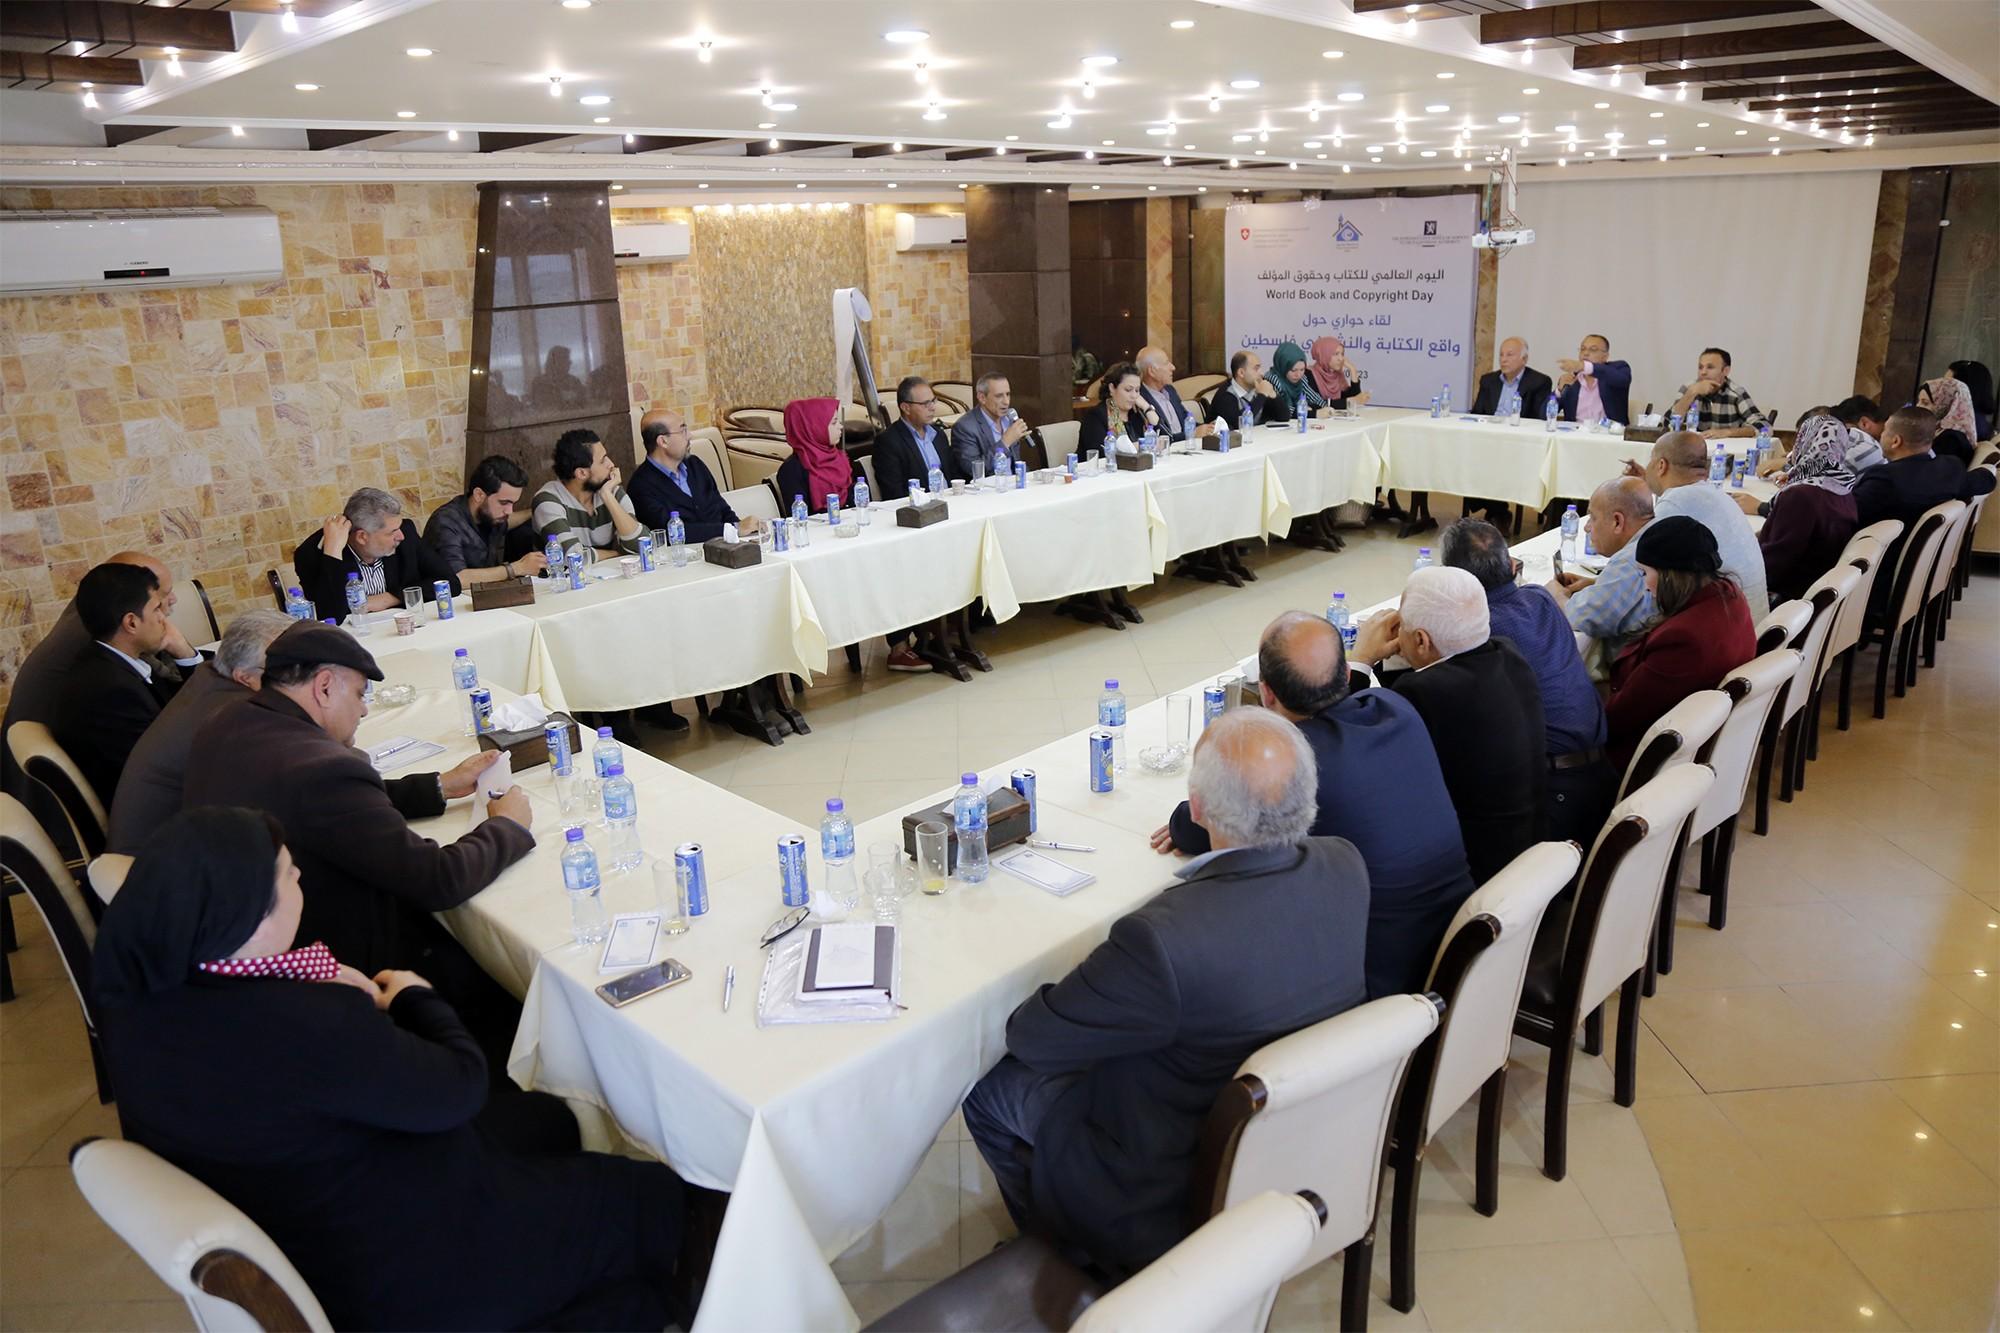 بيت الصحافة يعقد لقاءً حوارياً مع مجموعة من الكتاب والمؤلفين